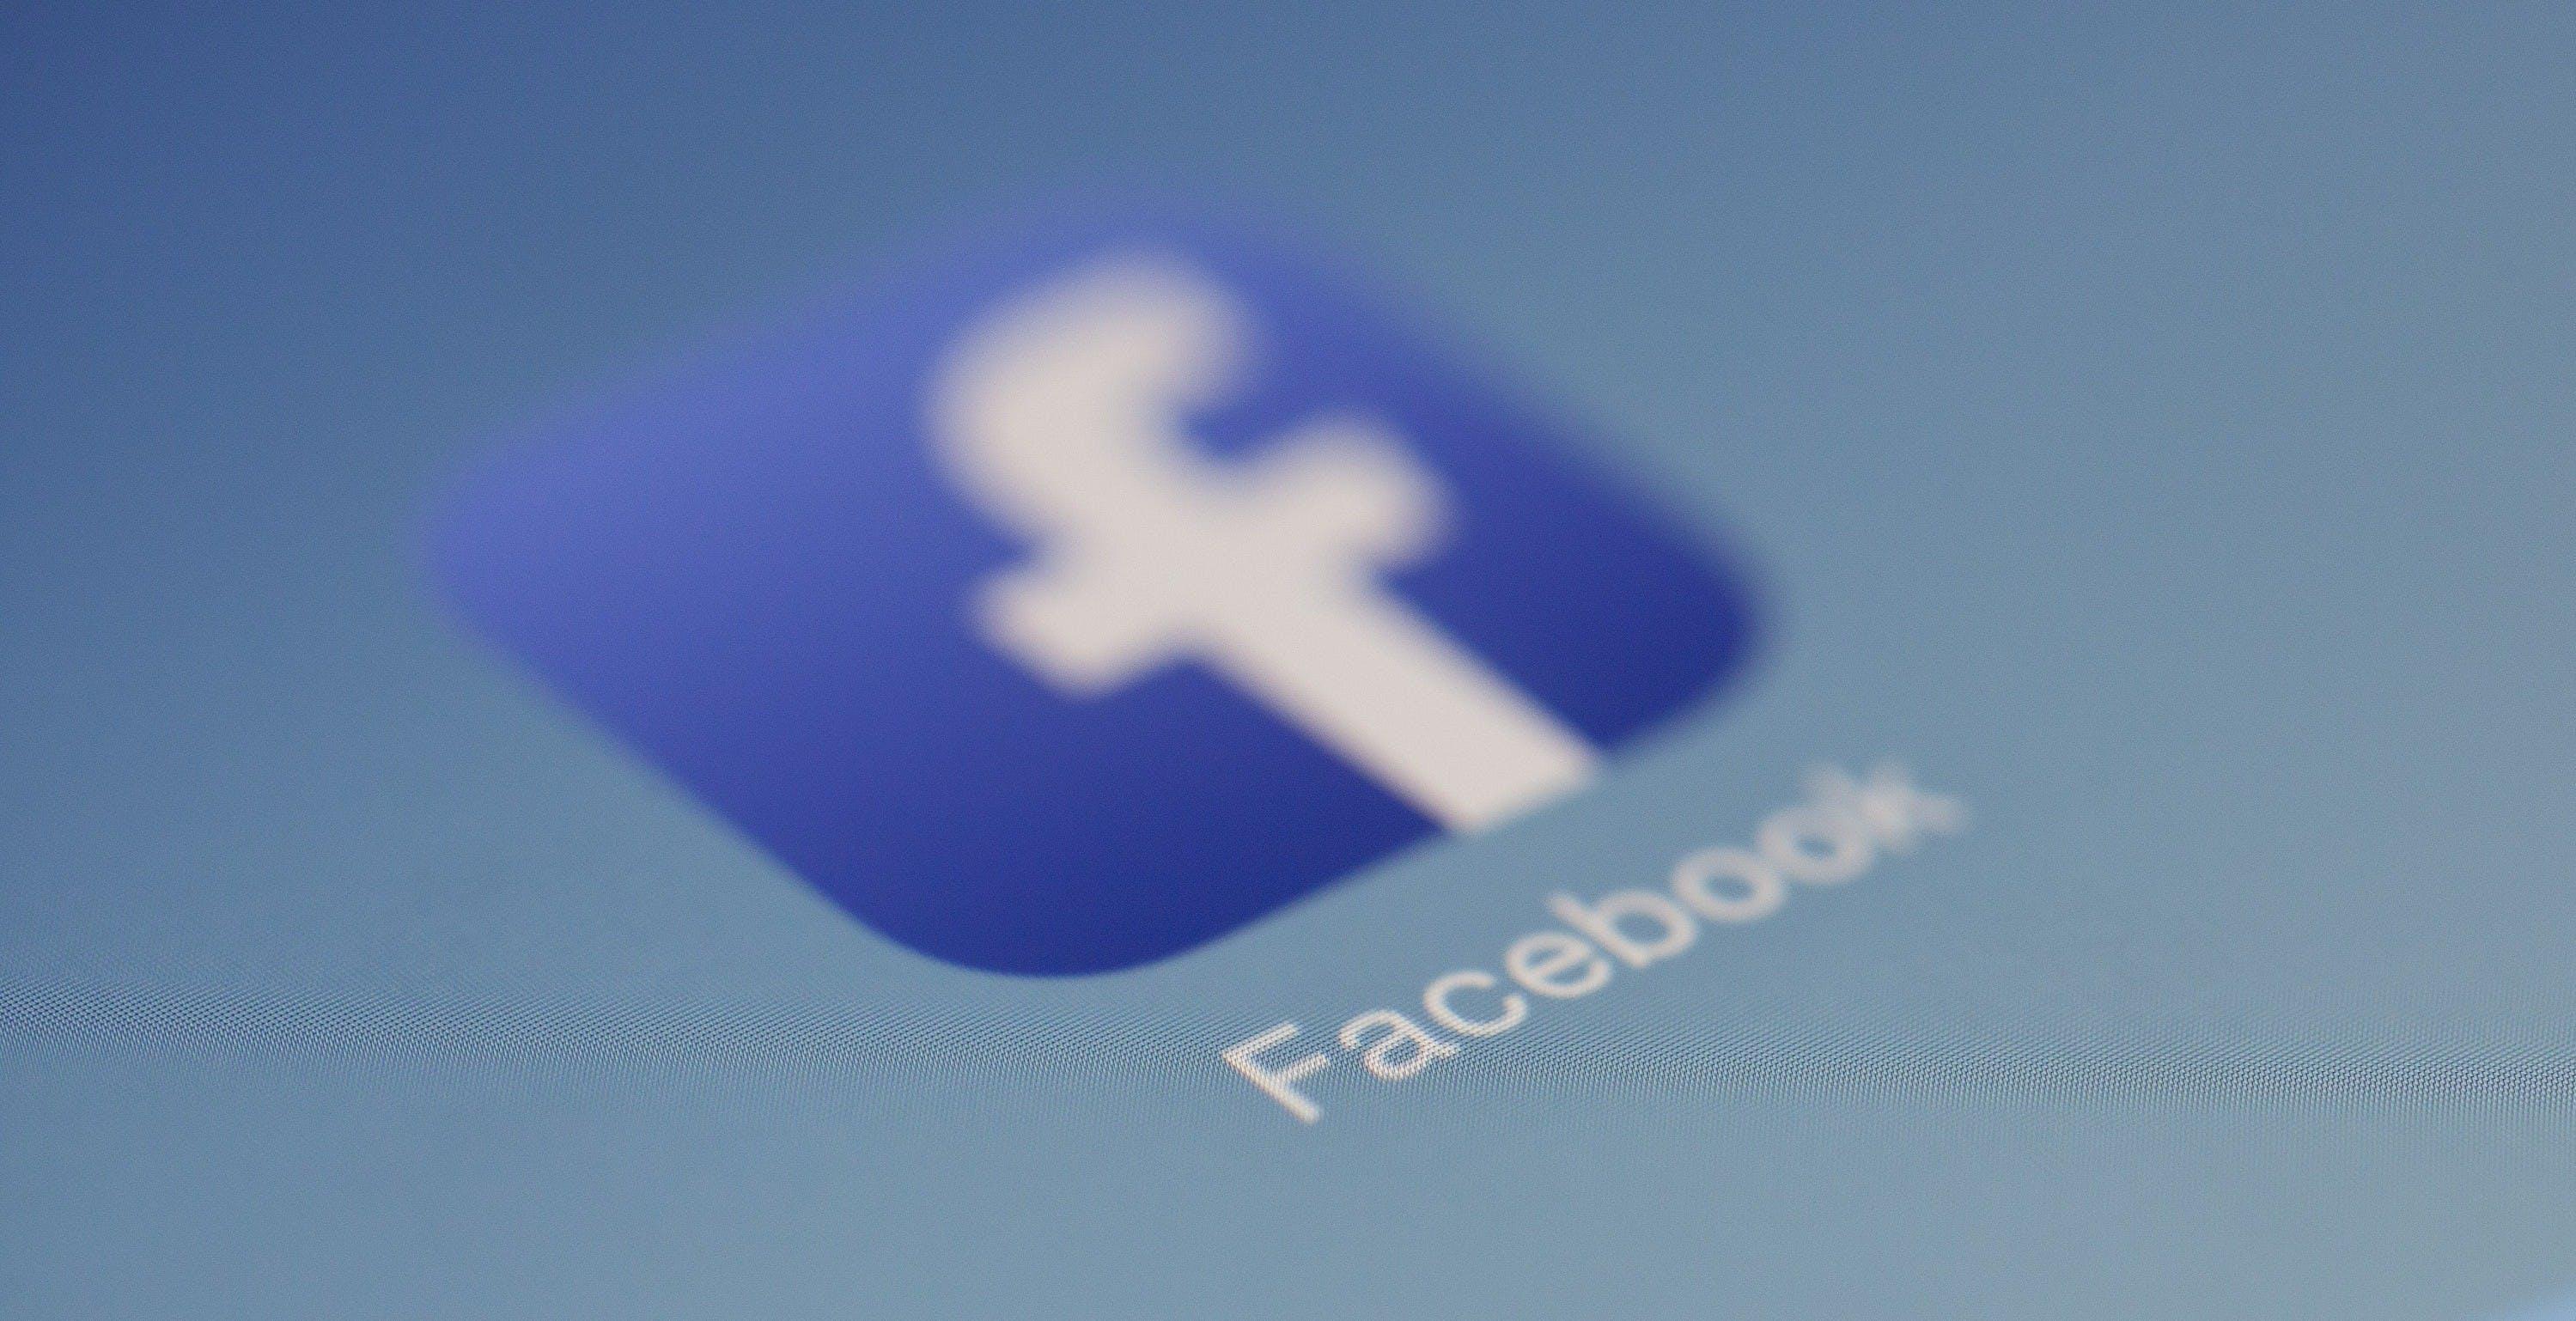 Come fare i backup delle foto caricate su Facebook se vuoi chiudere l'account